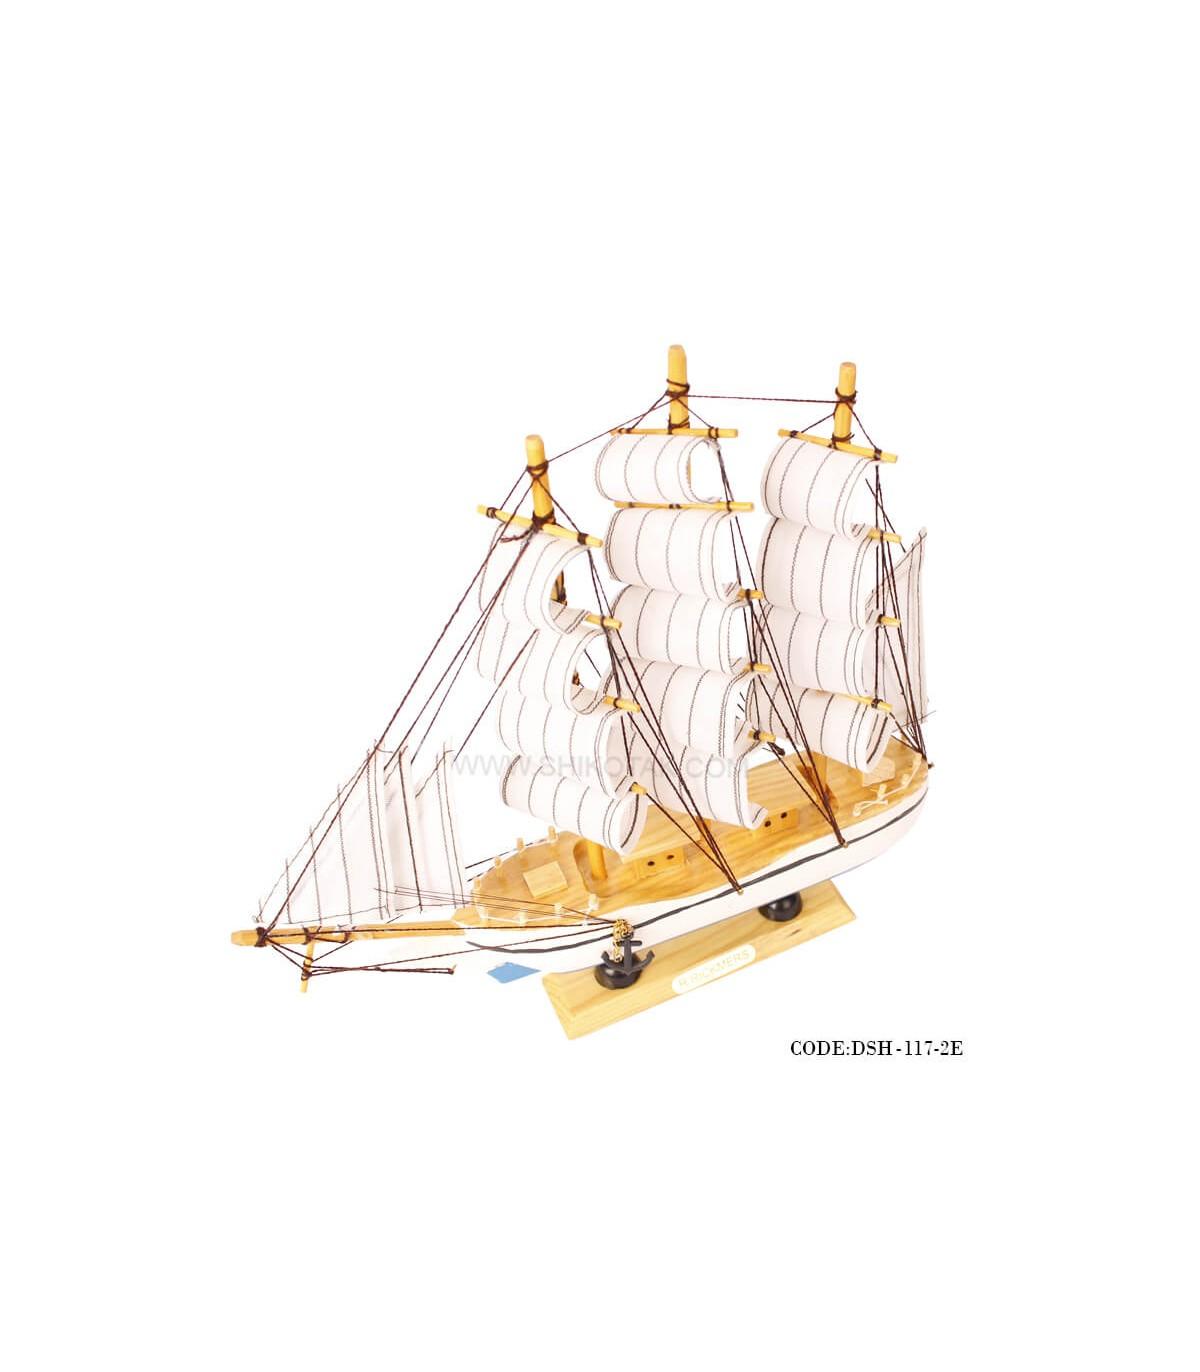 سفارش مجسمه ی کشتی بادبان دارسری E